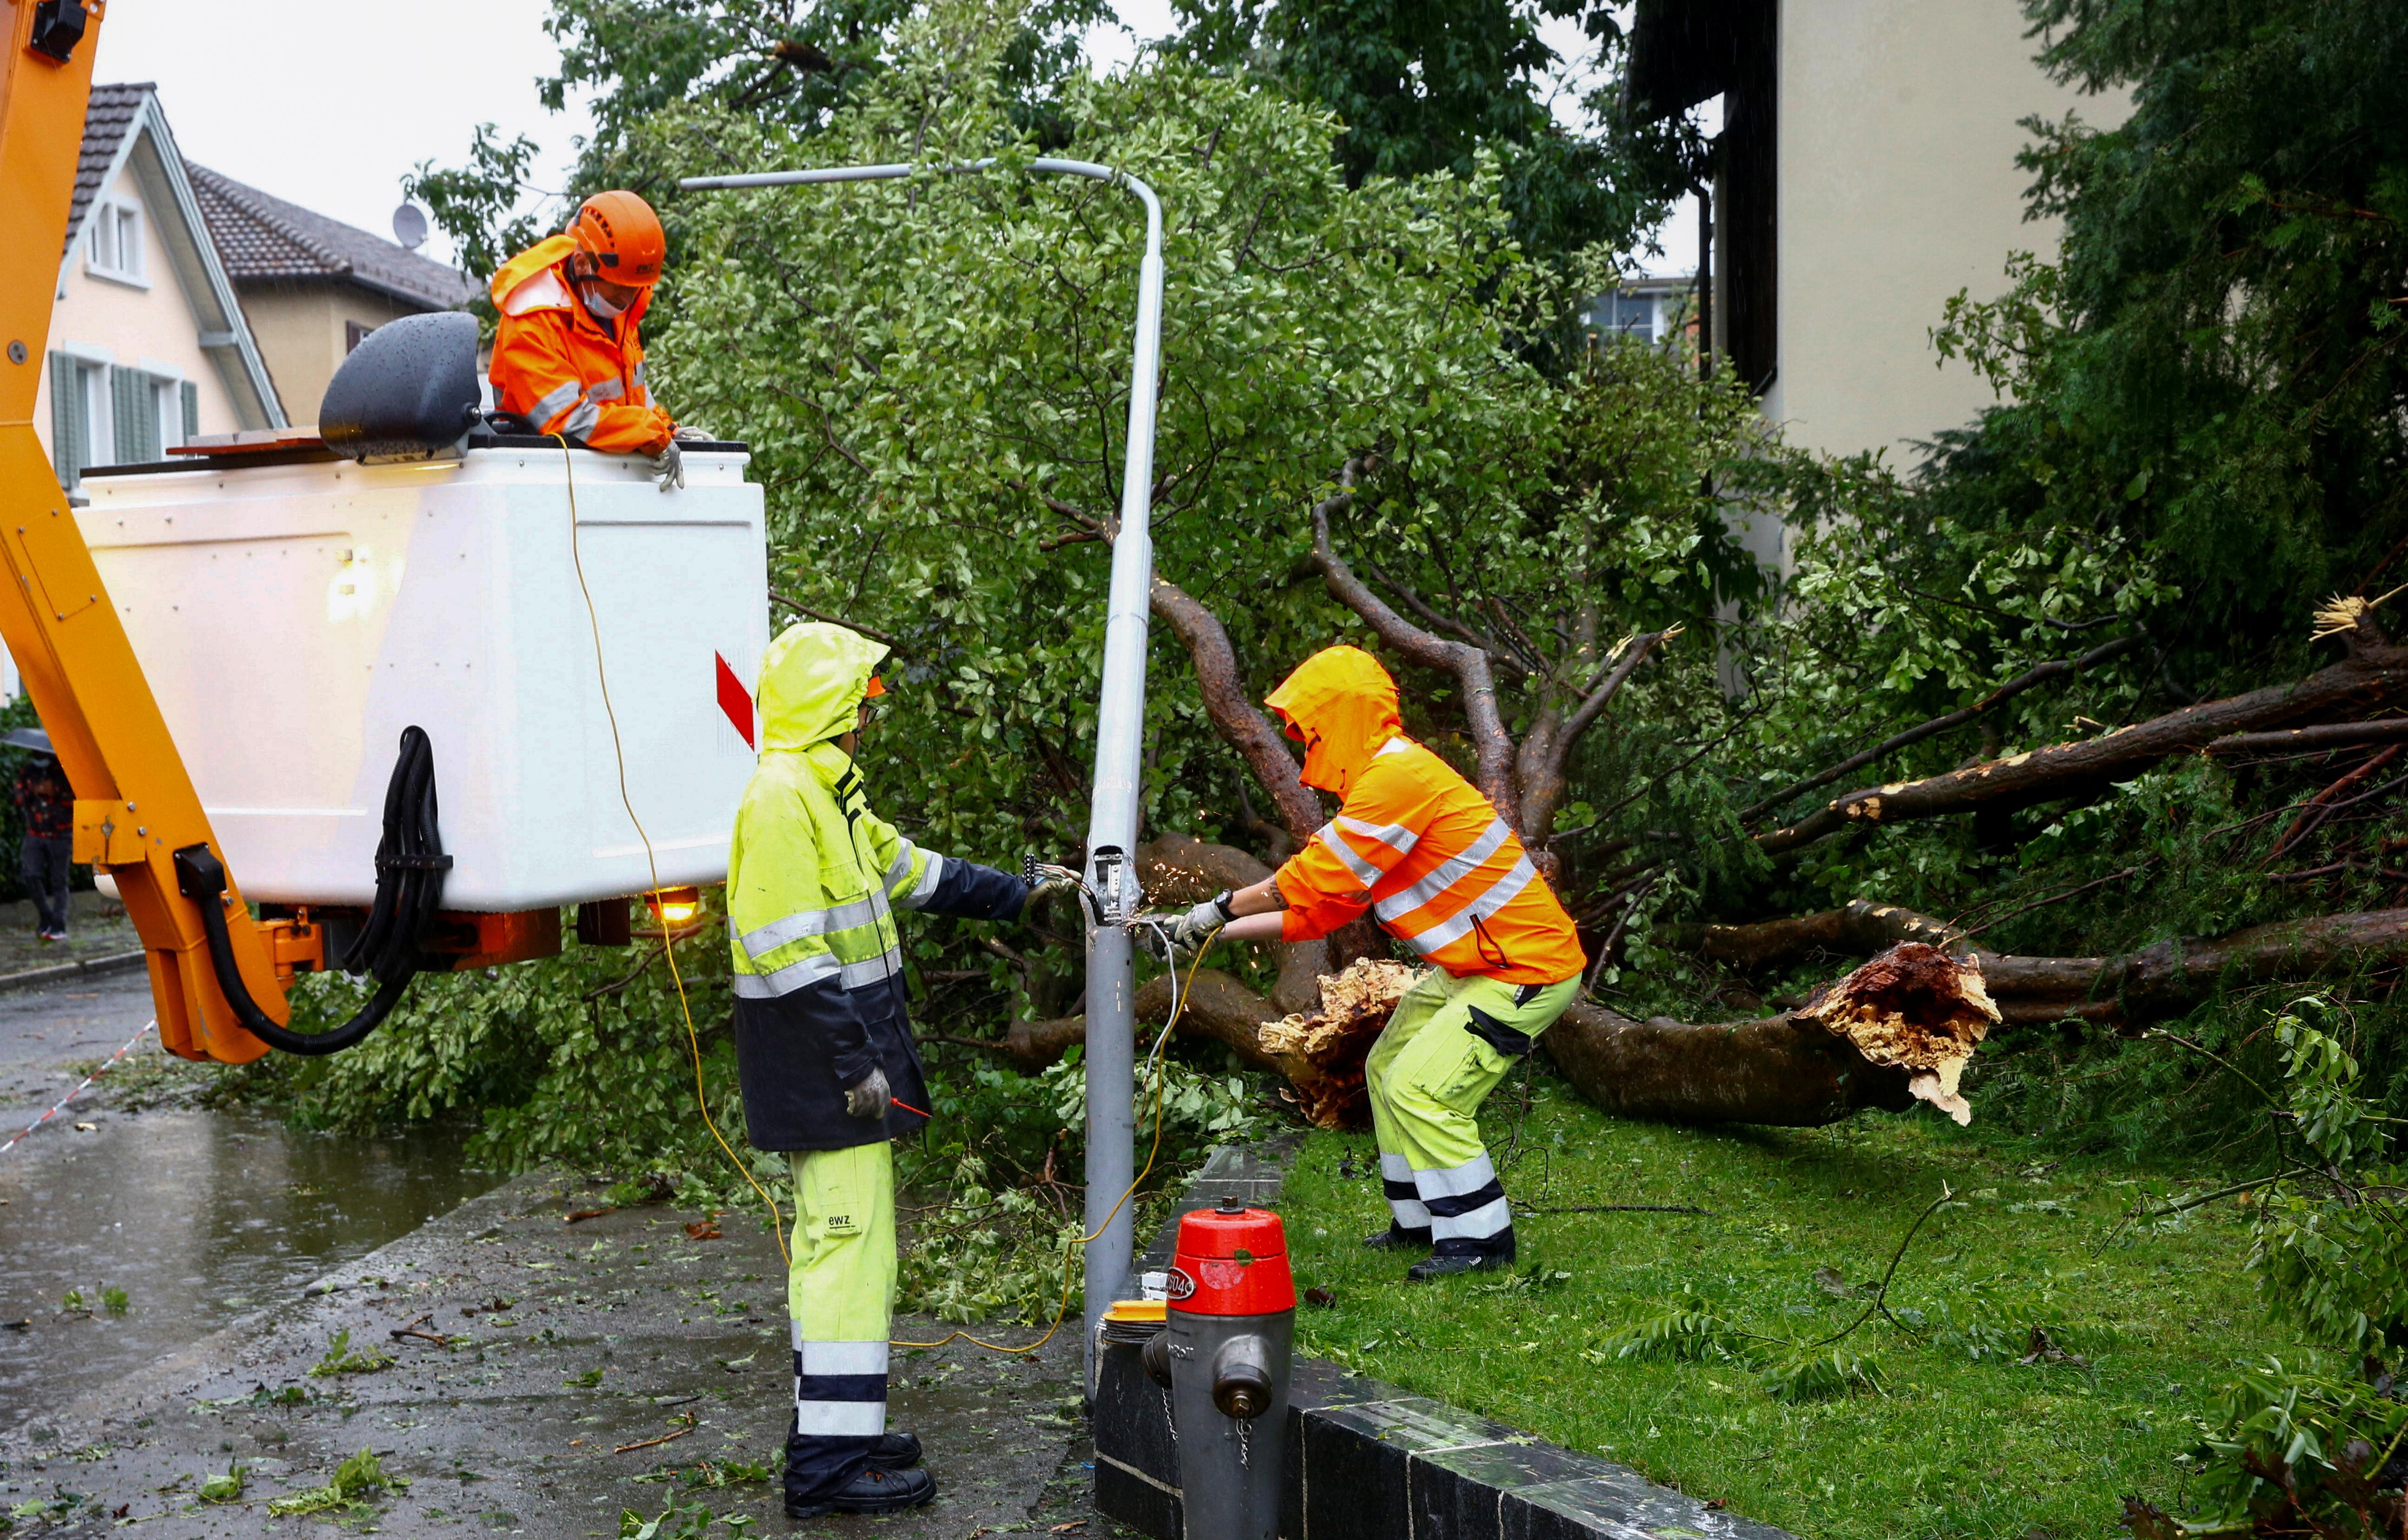 İşçilər İsveçrənin Sürix şəhərində 13 iyul 2021-ci ildə göy gurultulu leysan və leysan yağış zamanı qırılan ağacın zədələdiyi lampanı kəsdilər. REUTERS / Arnd Wiegmann